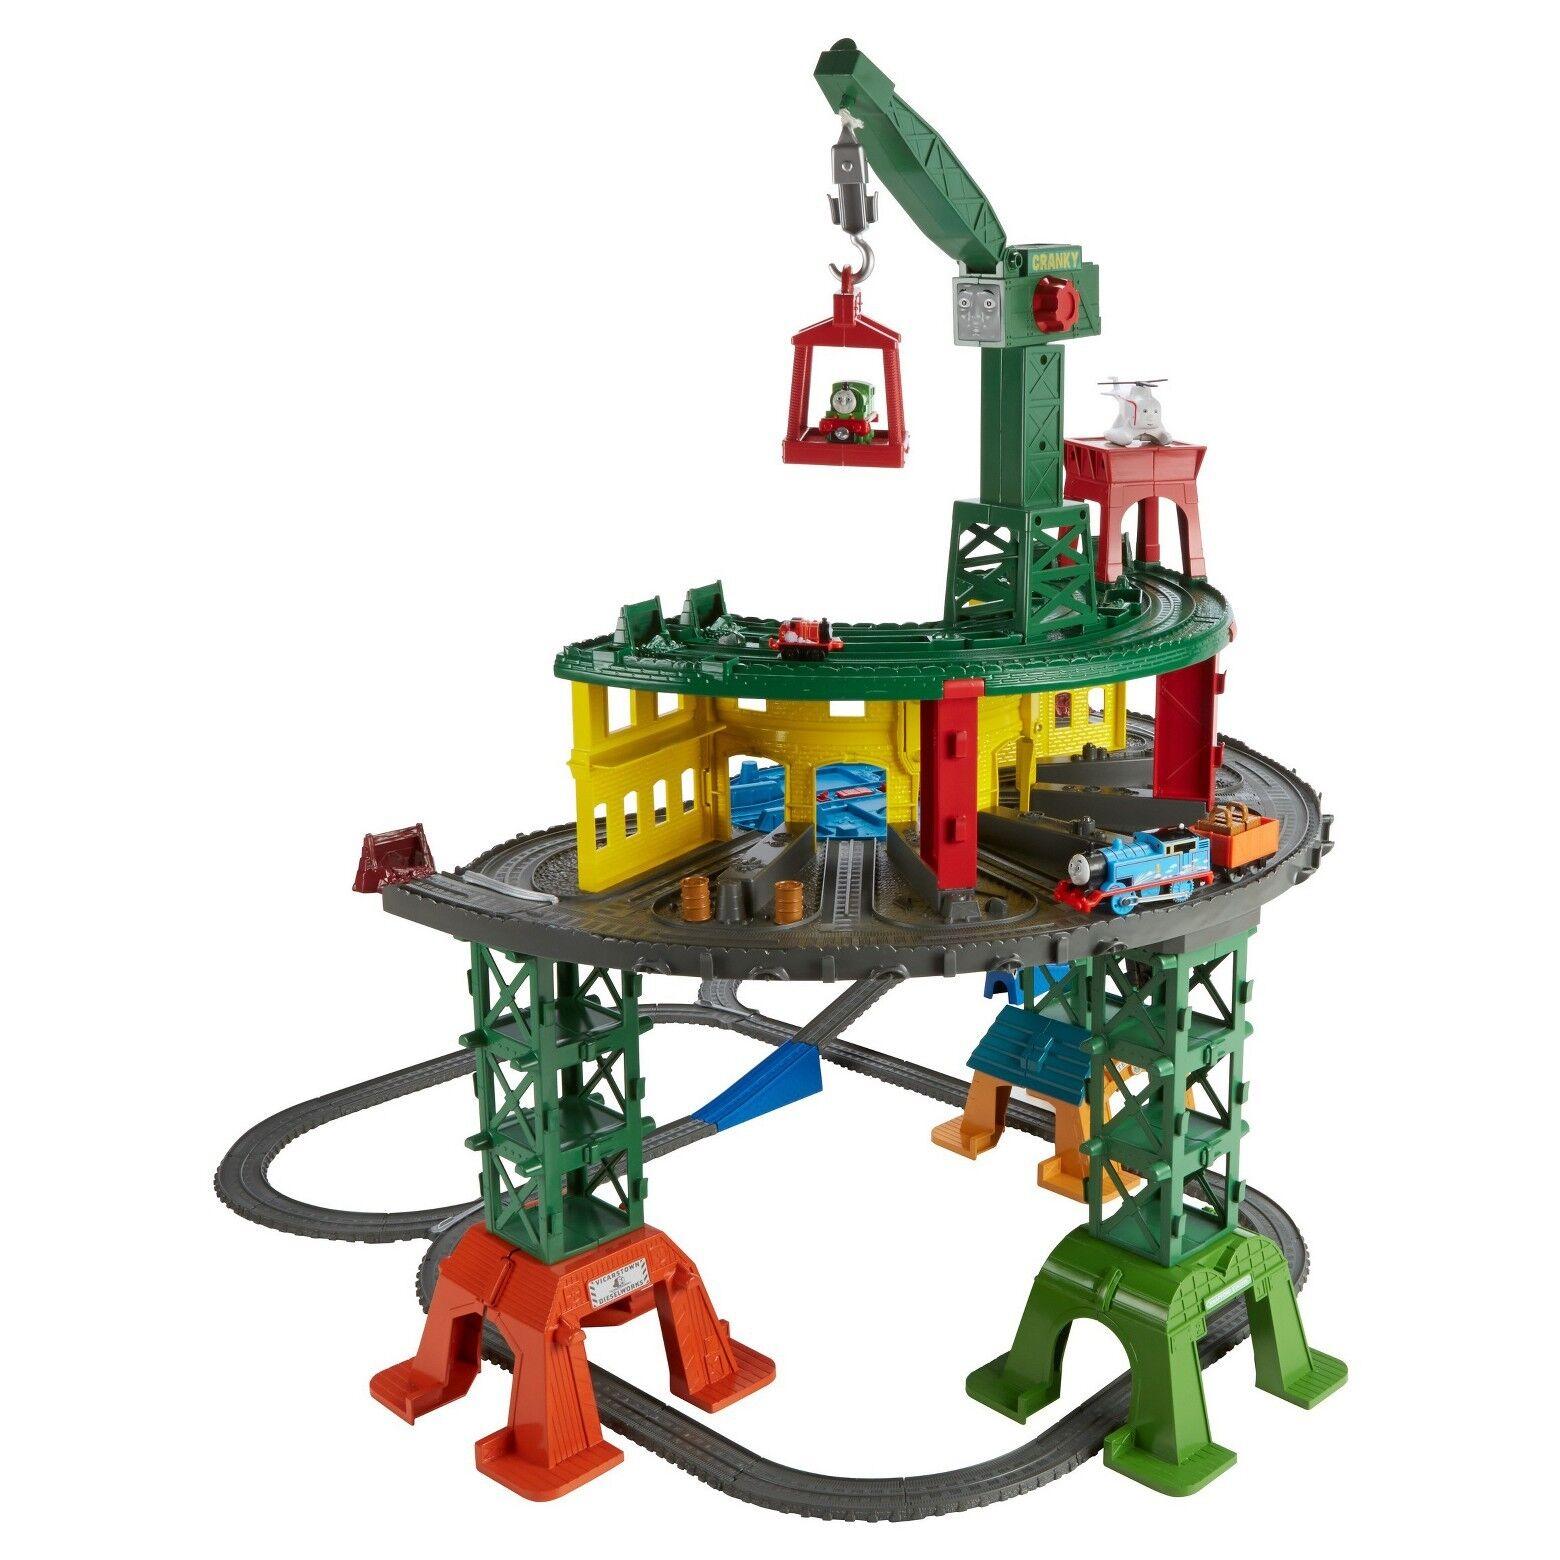 Fisher Price Thomas Y Amigos Super Estación Trackset Tidmouth Sodor a Trackmaster